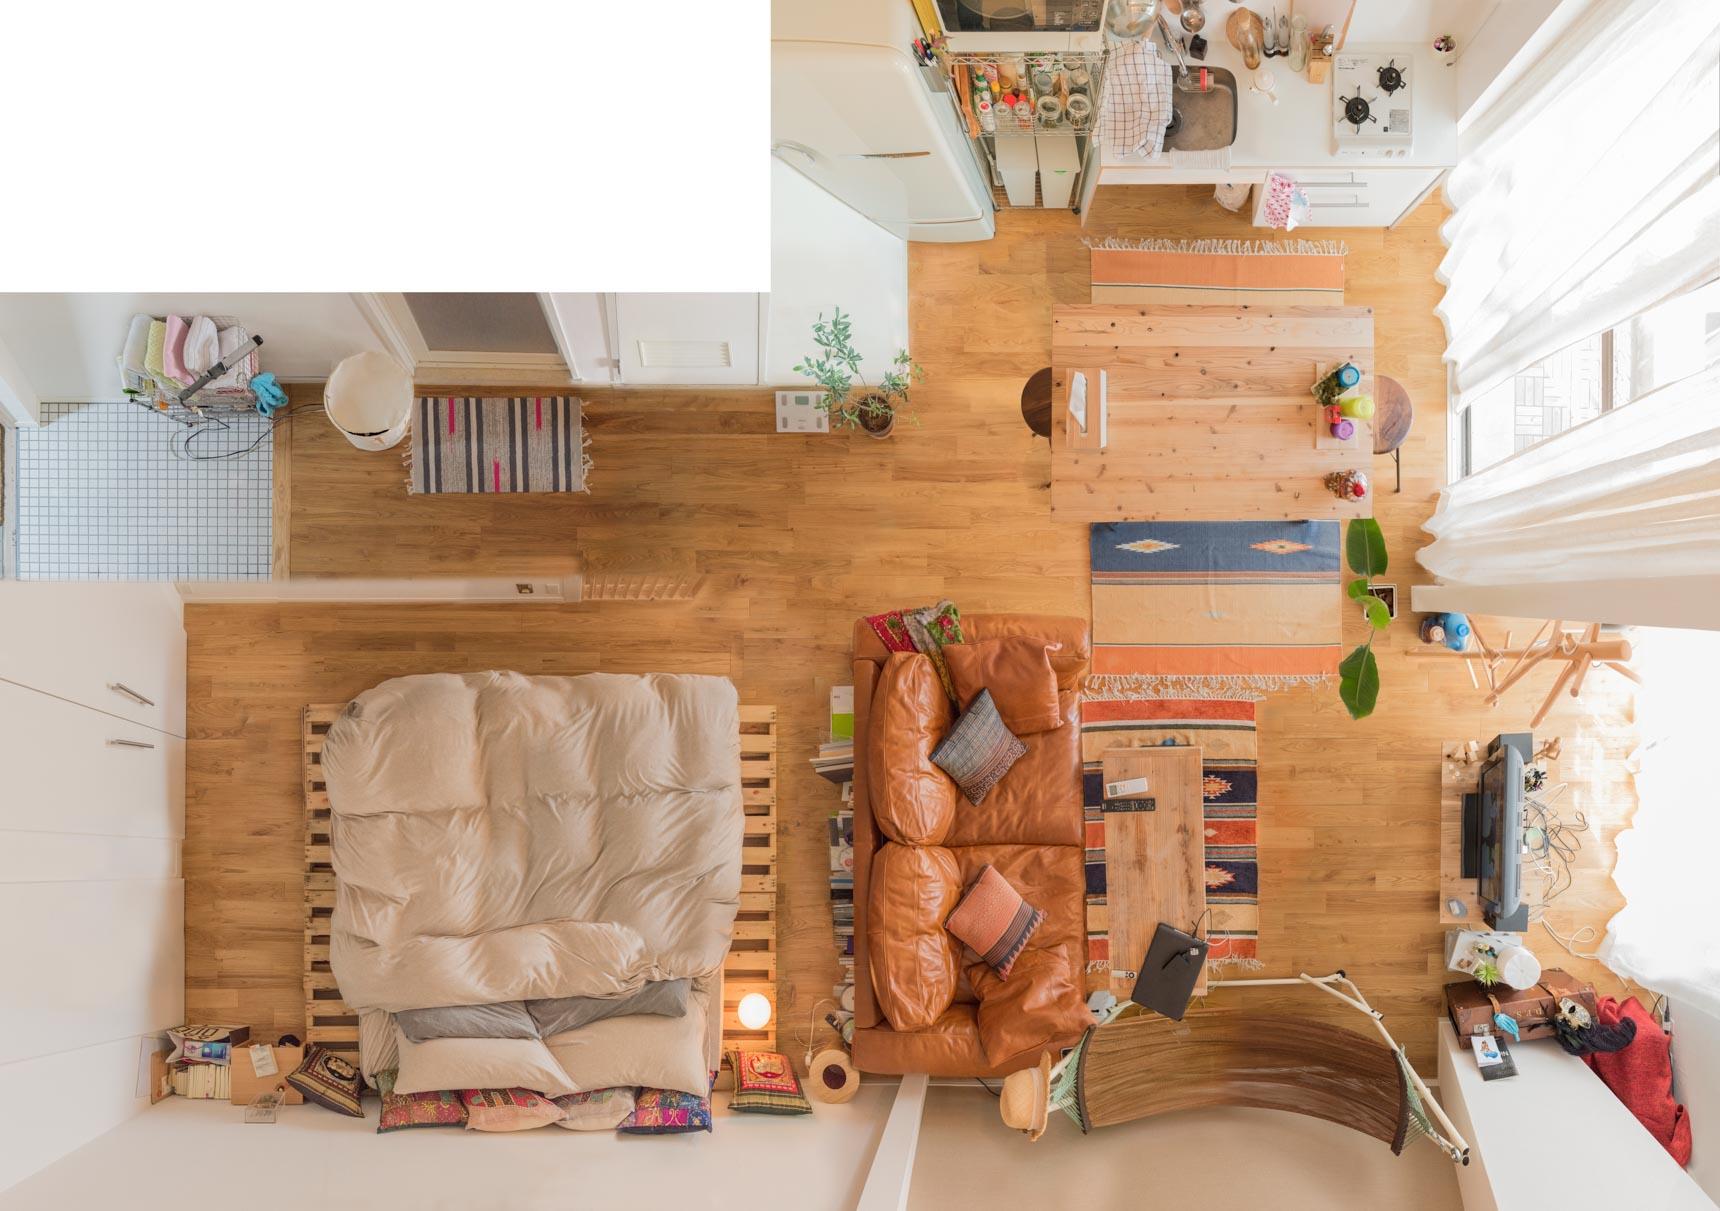 こちらはベッドルームとリビングがカーテンで仕切れるタイプの大きなワンルームに住む、和田さんのお部屋。存在感あるソファがかっこいい!>和田さんのお部屋はこちら